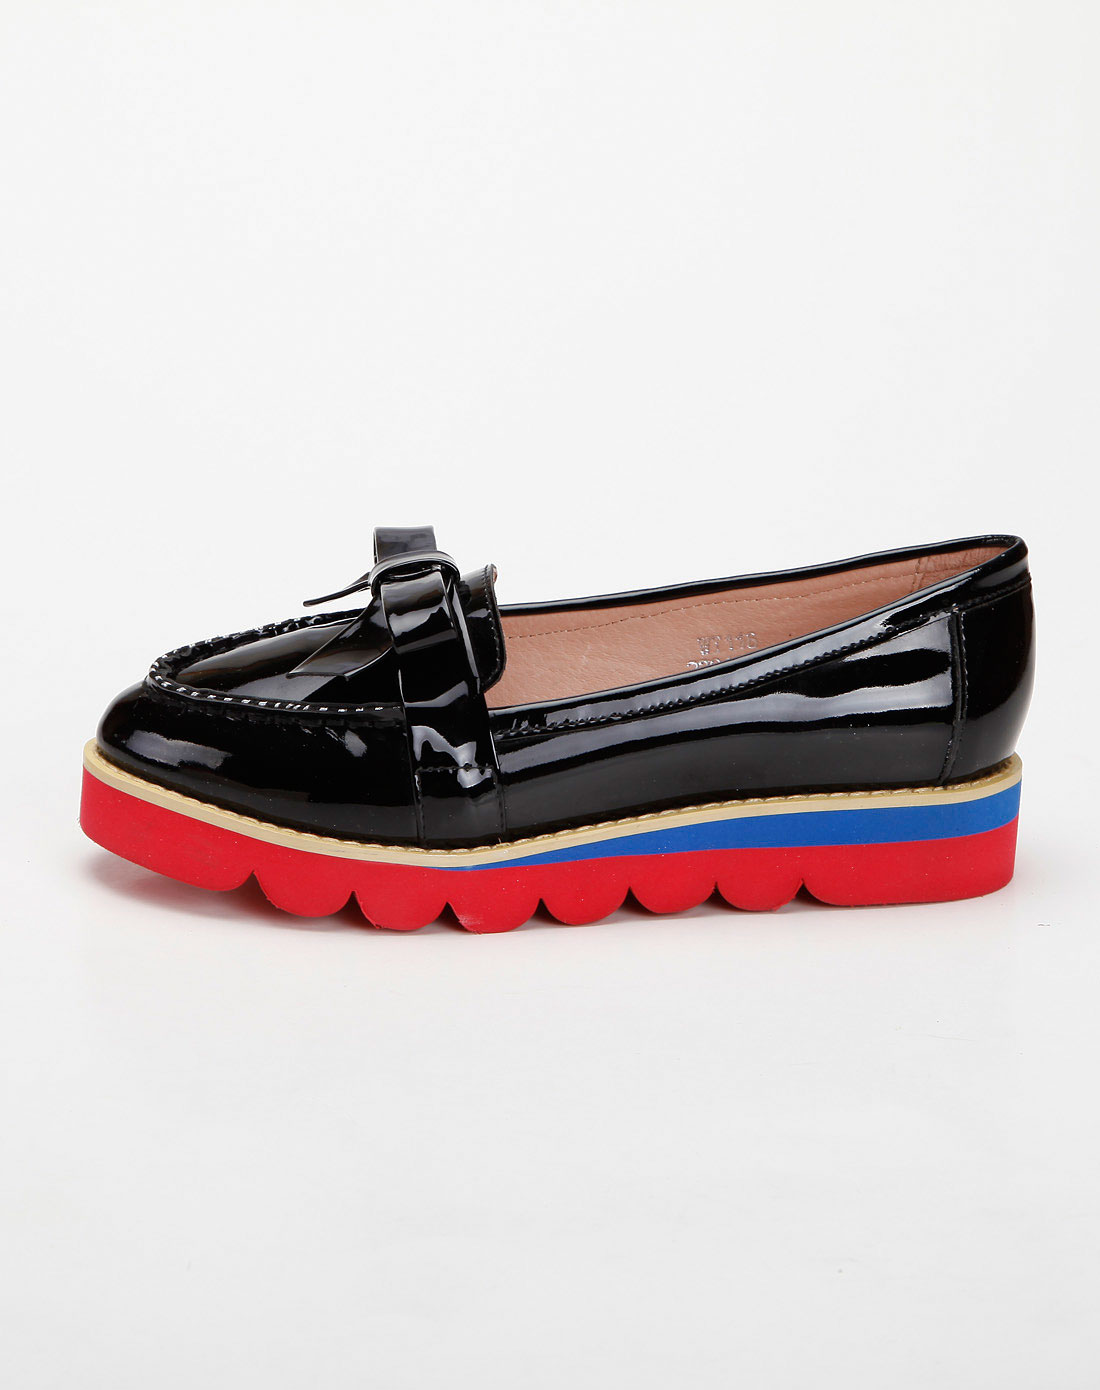 color黑色牛漆皮蝴蝶结平底松糕鞋单鞋